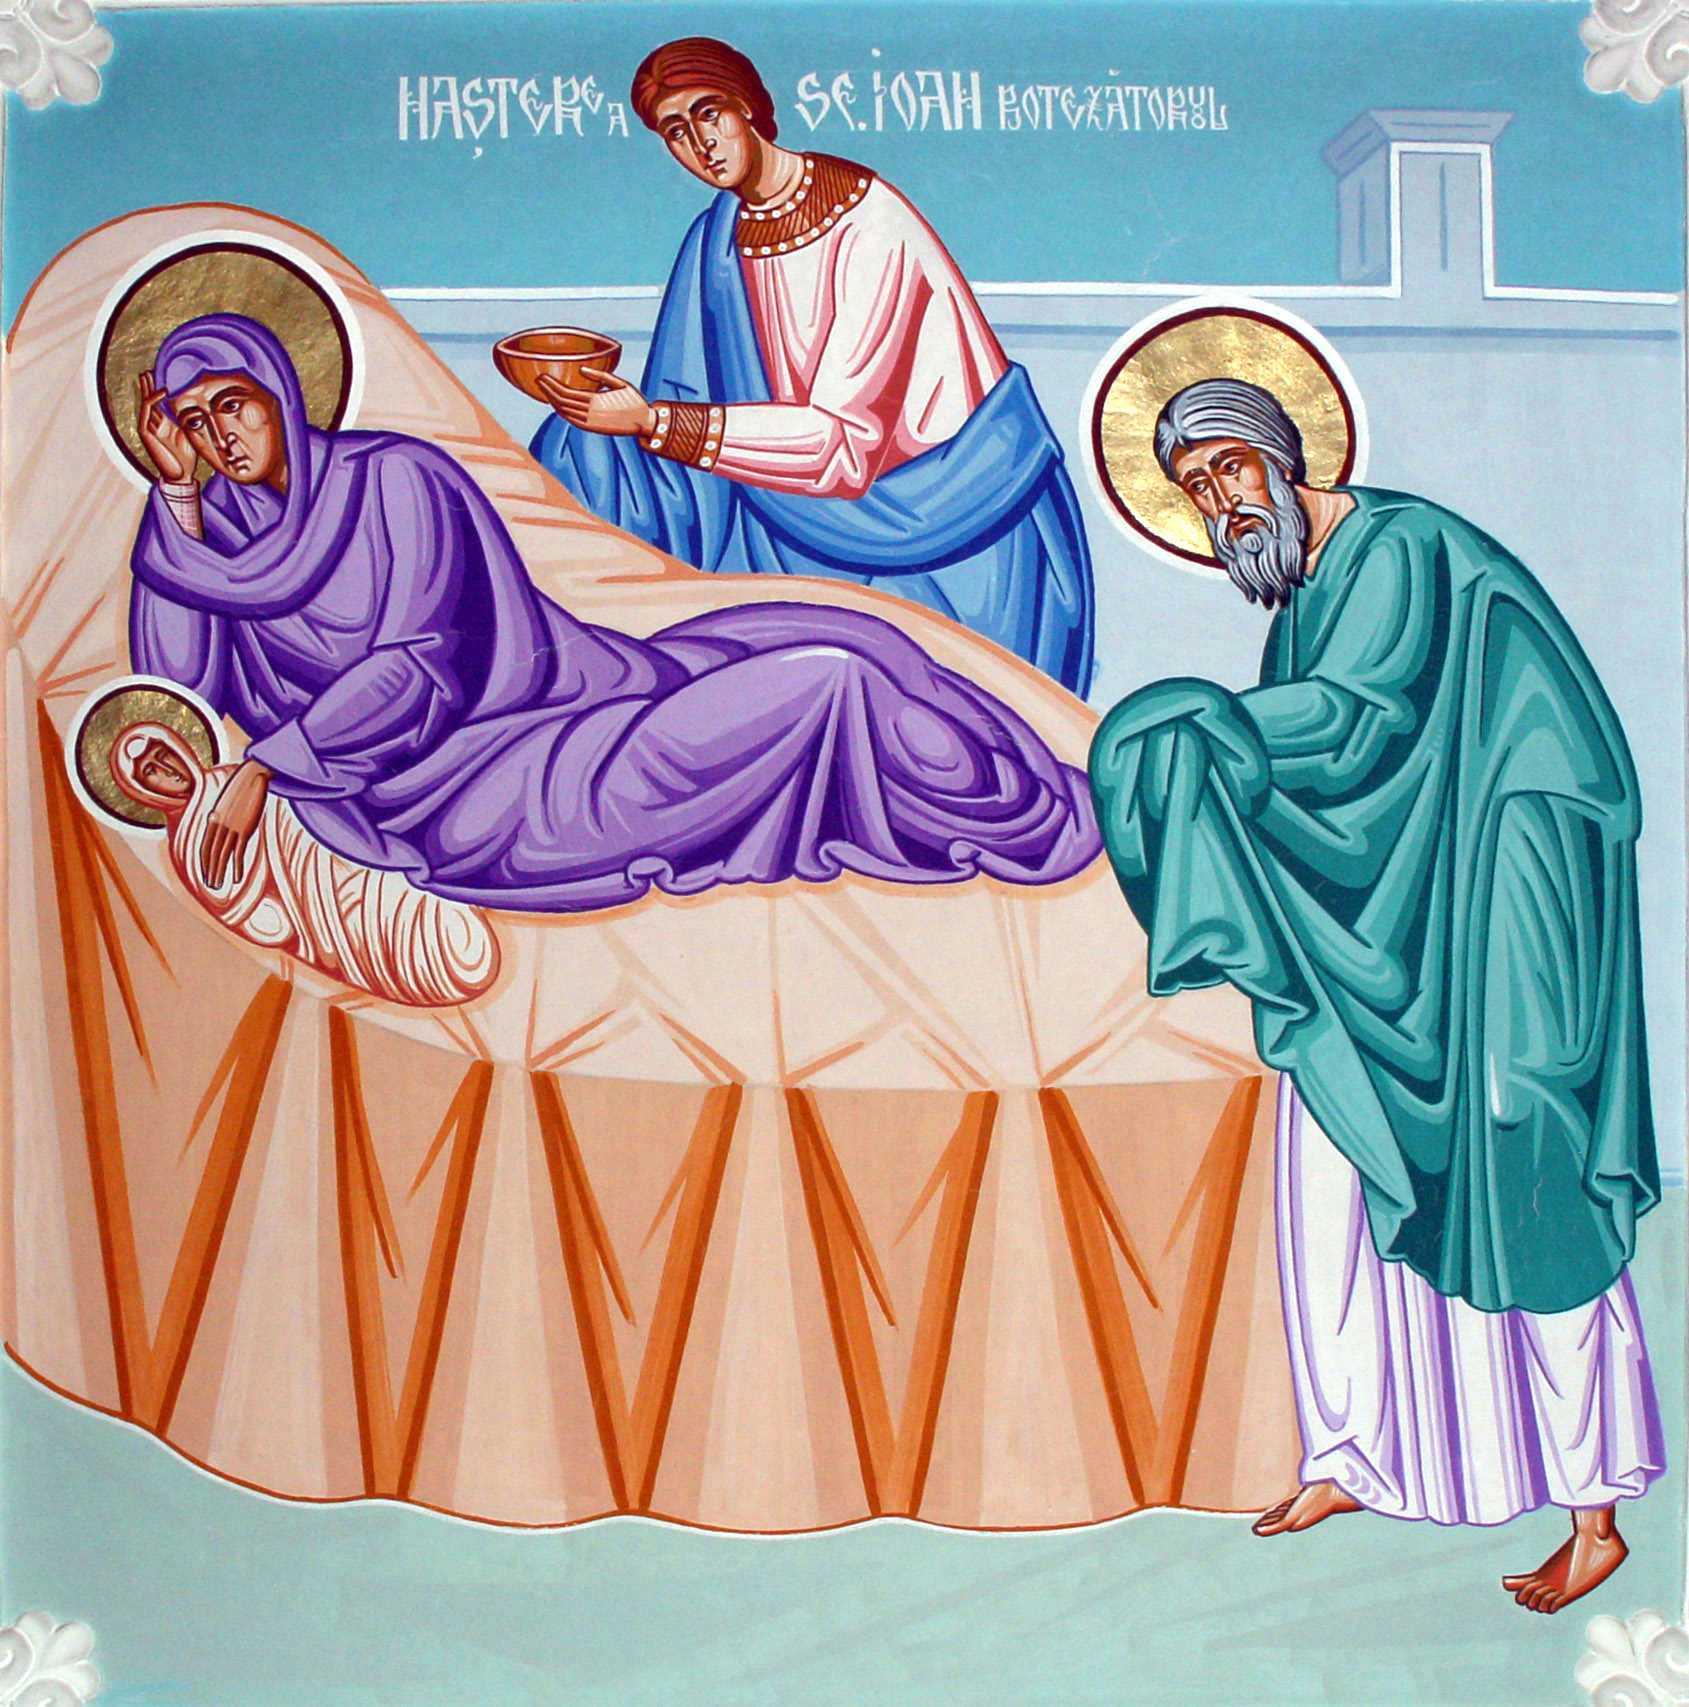 """Cuvânt la NAȘTEREA SFÂNTULUI IOAN BOTEZĂTORUL al Părintelui PETRONIU TĂNASE: <i>""""Este o lege pentru tot creştinul: în fiecare din noi, Hristos trebuie să crească, iar omul să se micşoreze""""</i>. NEVOIA DE SMERENIE ȘI DE POSTIRE"""